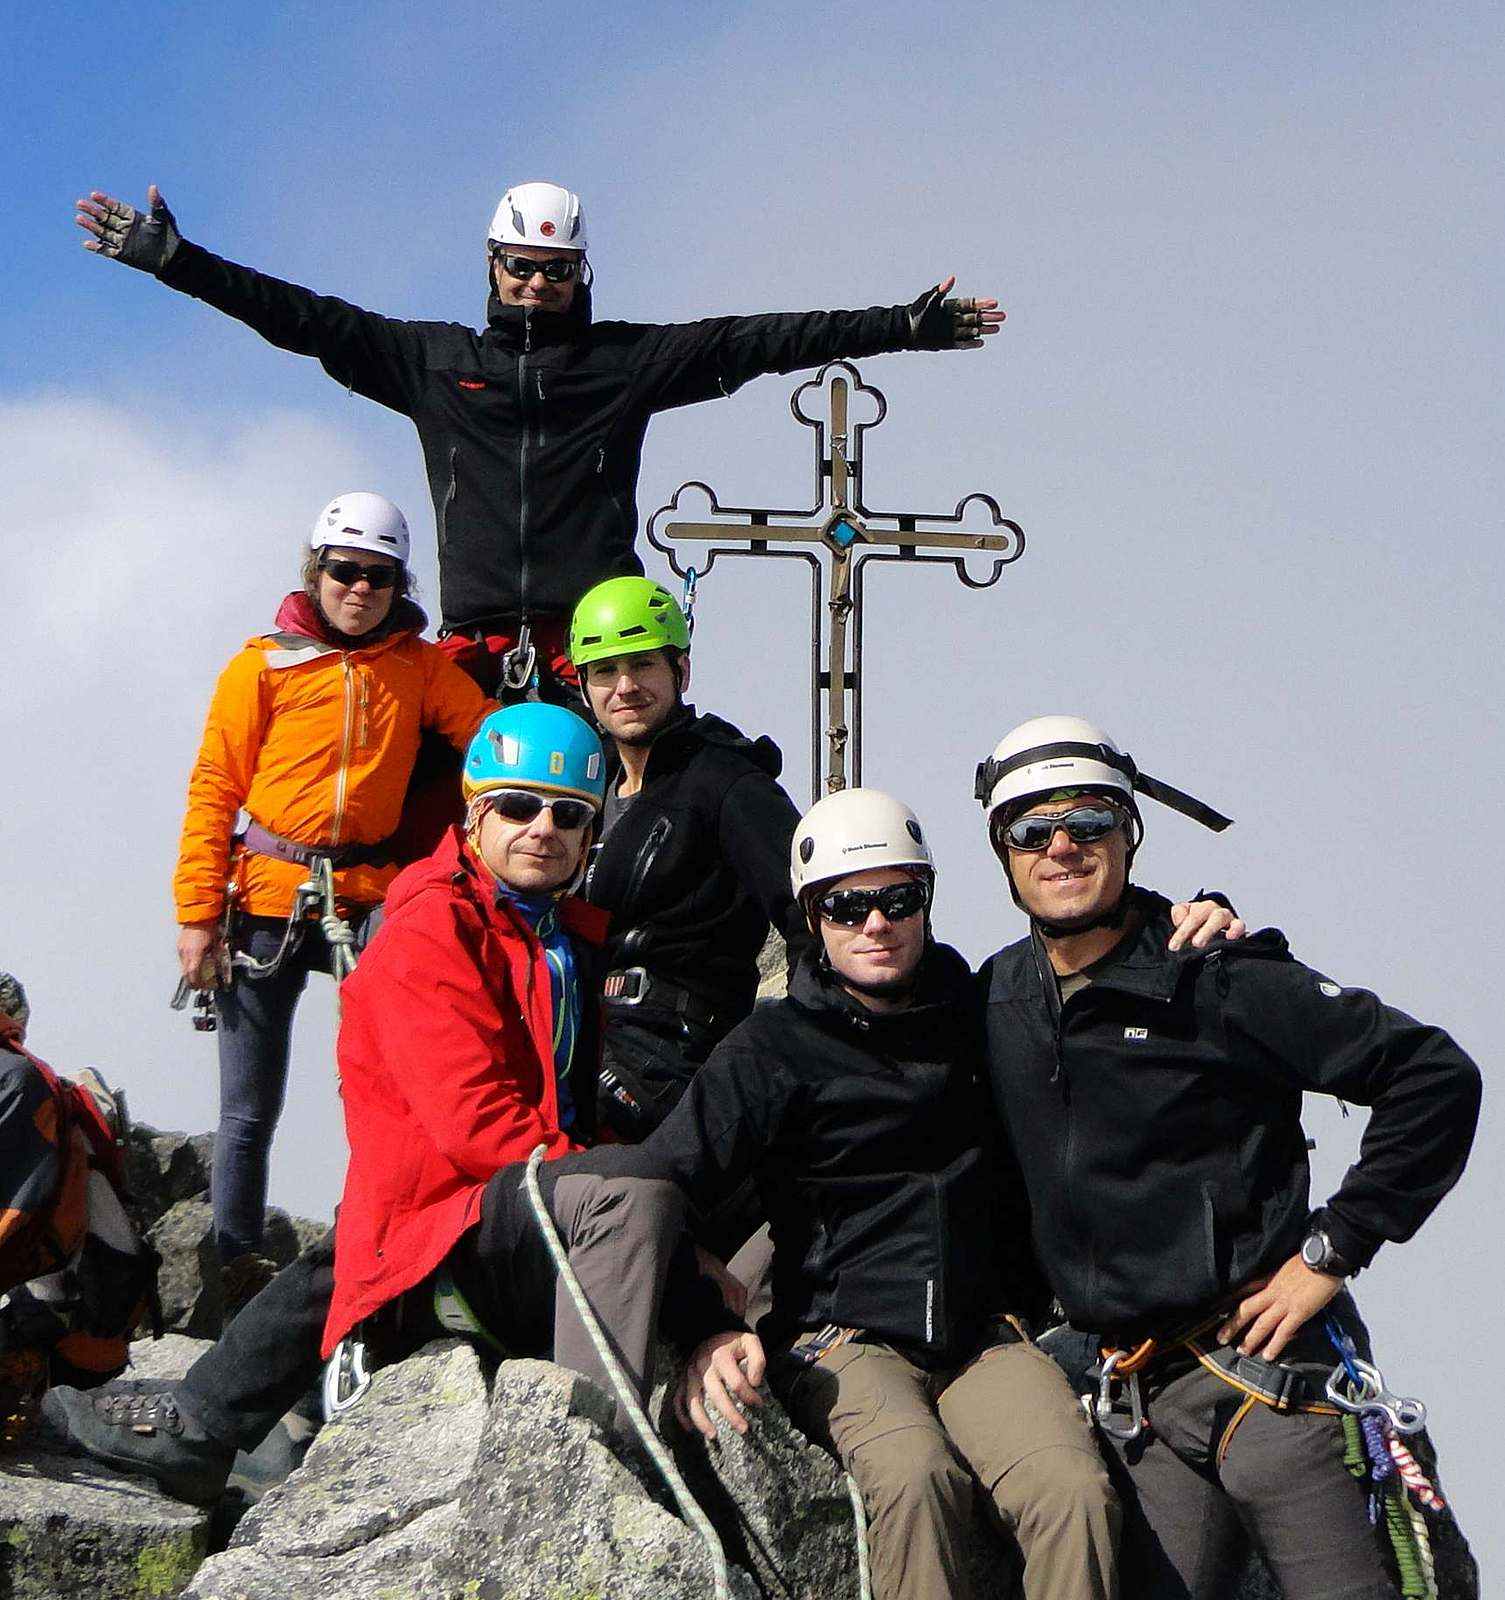 Konečne celá partia pokope na vrchole: Janka, Peter, ja, Števo, Tomáš a Dušan